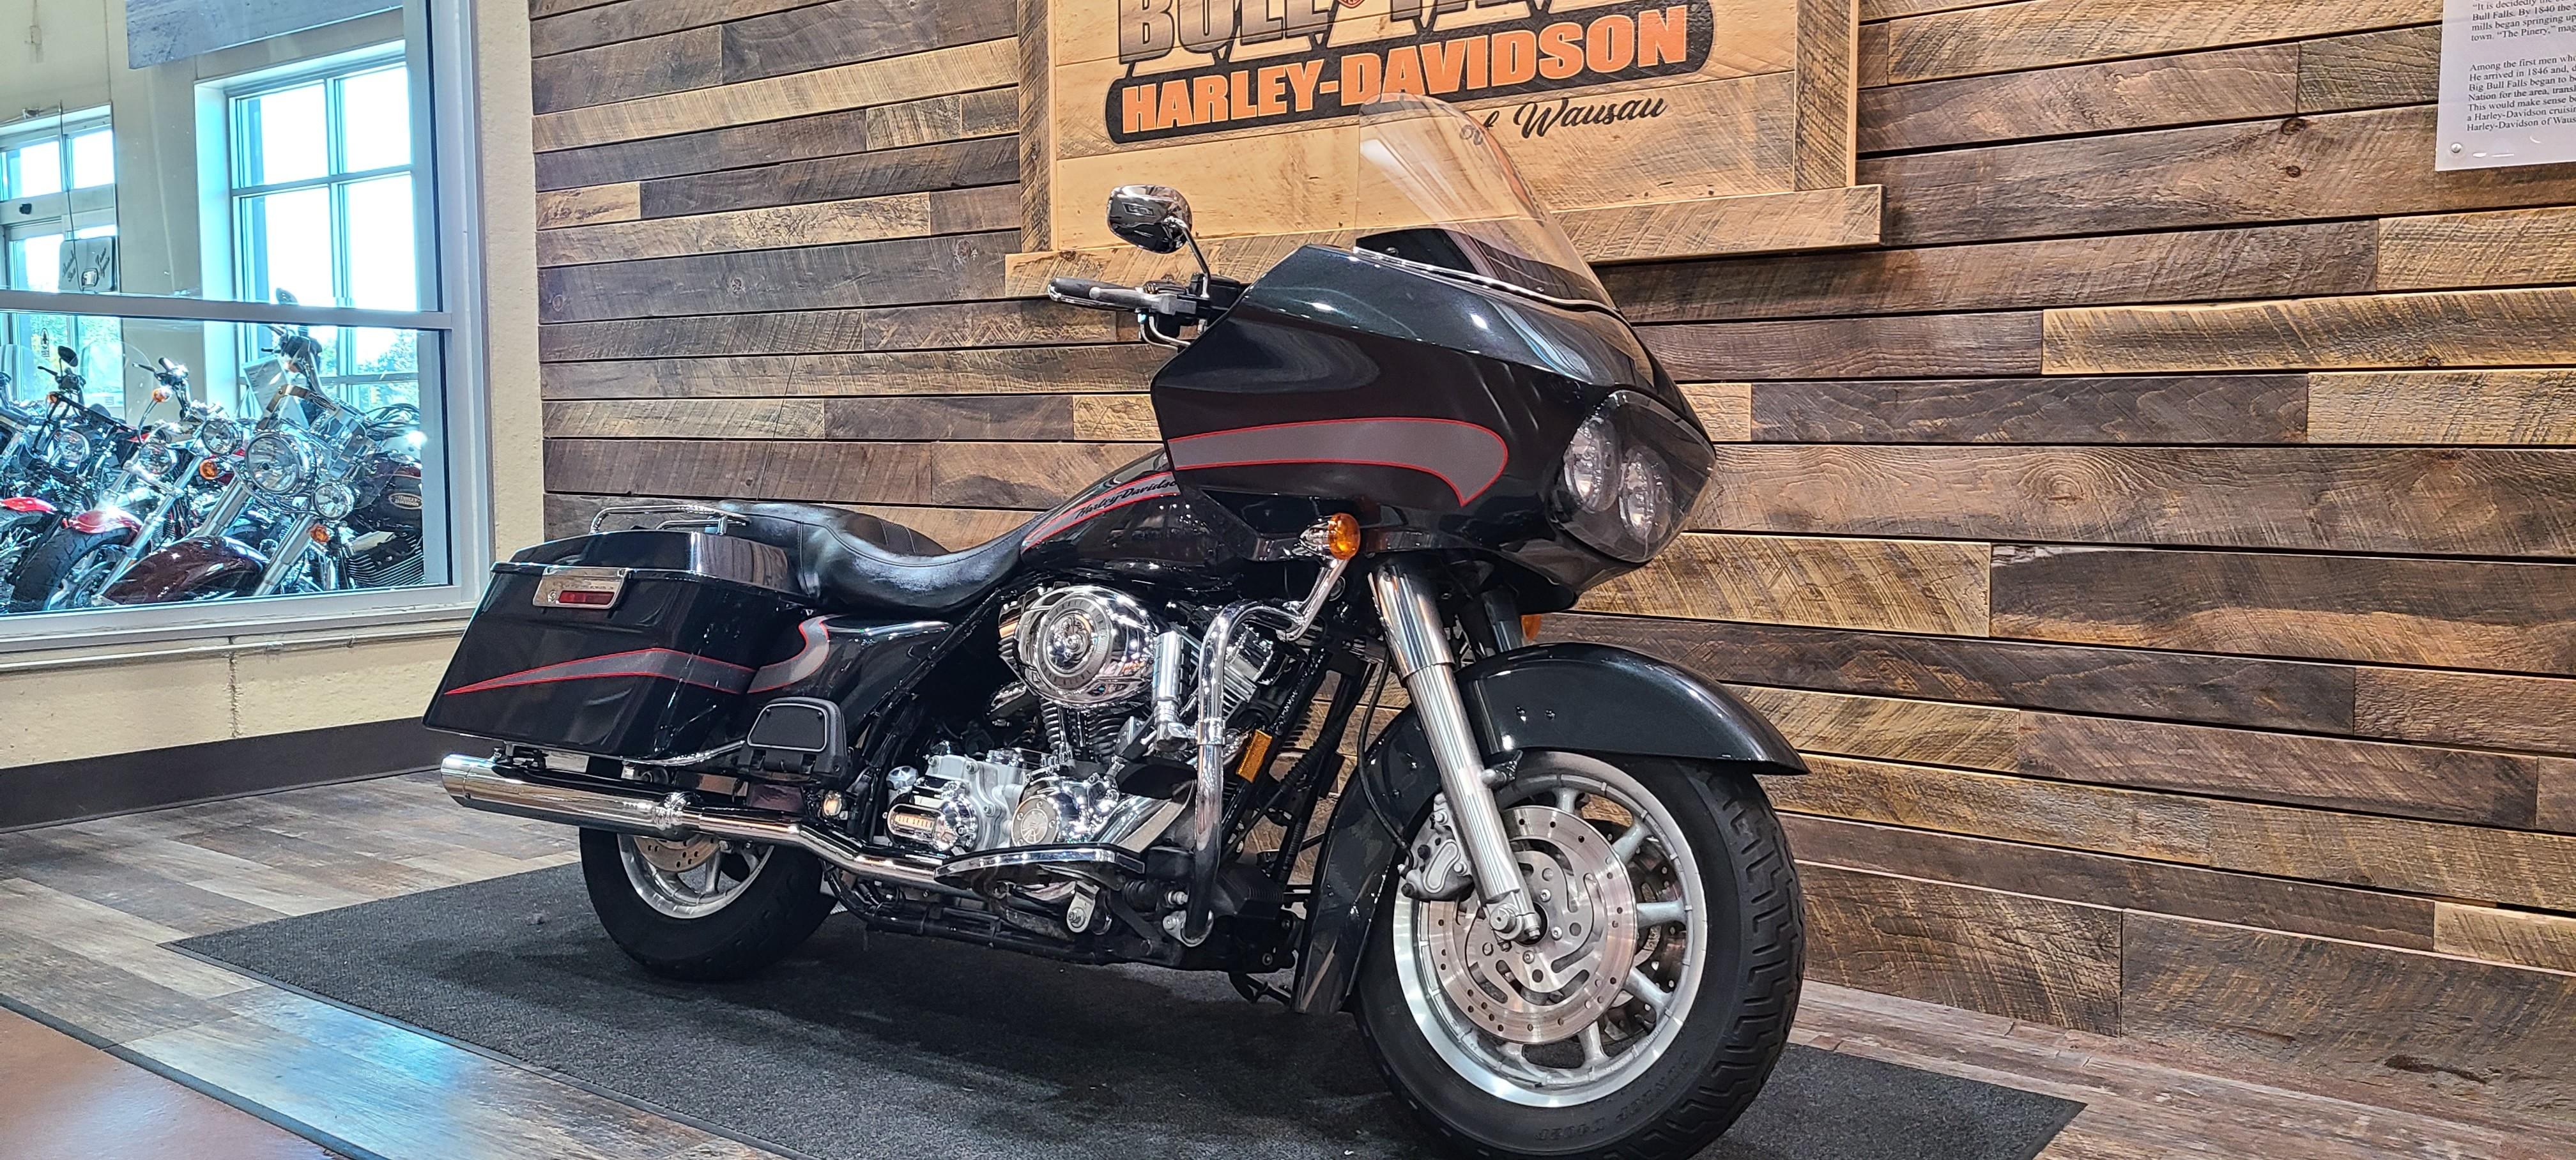 2007 Harley-Davidson Road Glide Base at Bull Falls Harley-Davidson